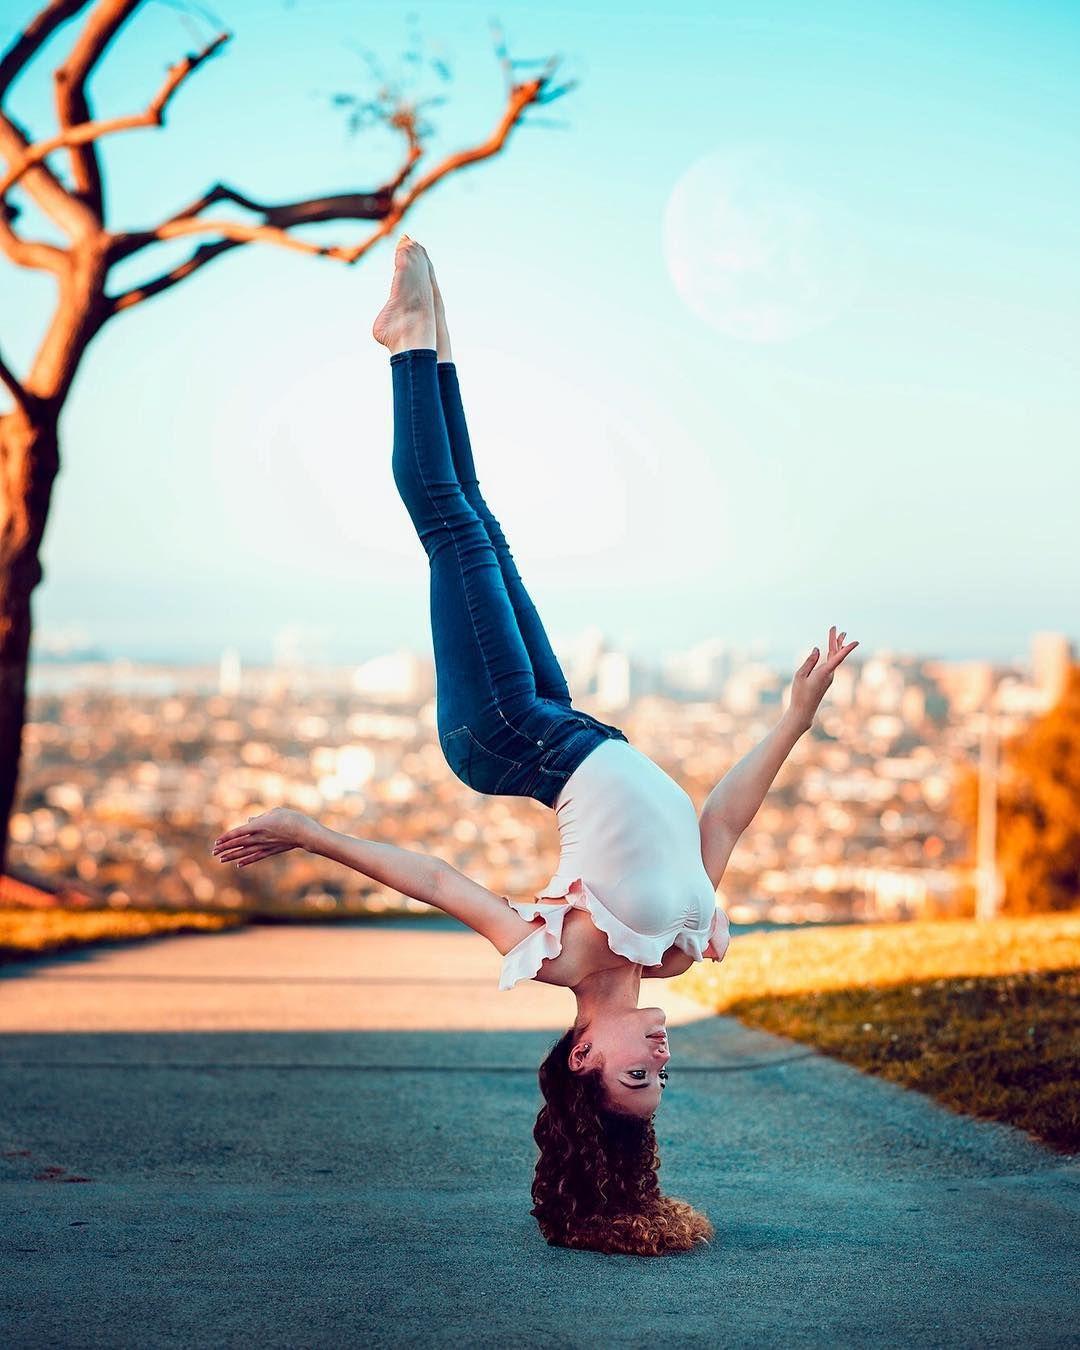 Caption this marksingerman sofie clarice dossi in 2019 sofie dossi gymnastics - Sofie dossi gymnastics ...